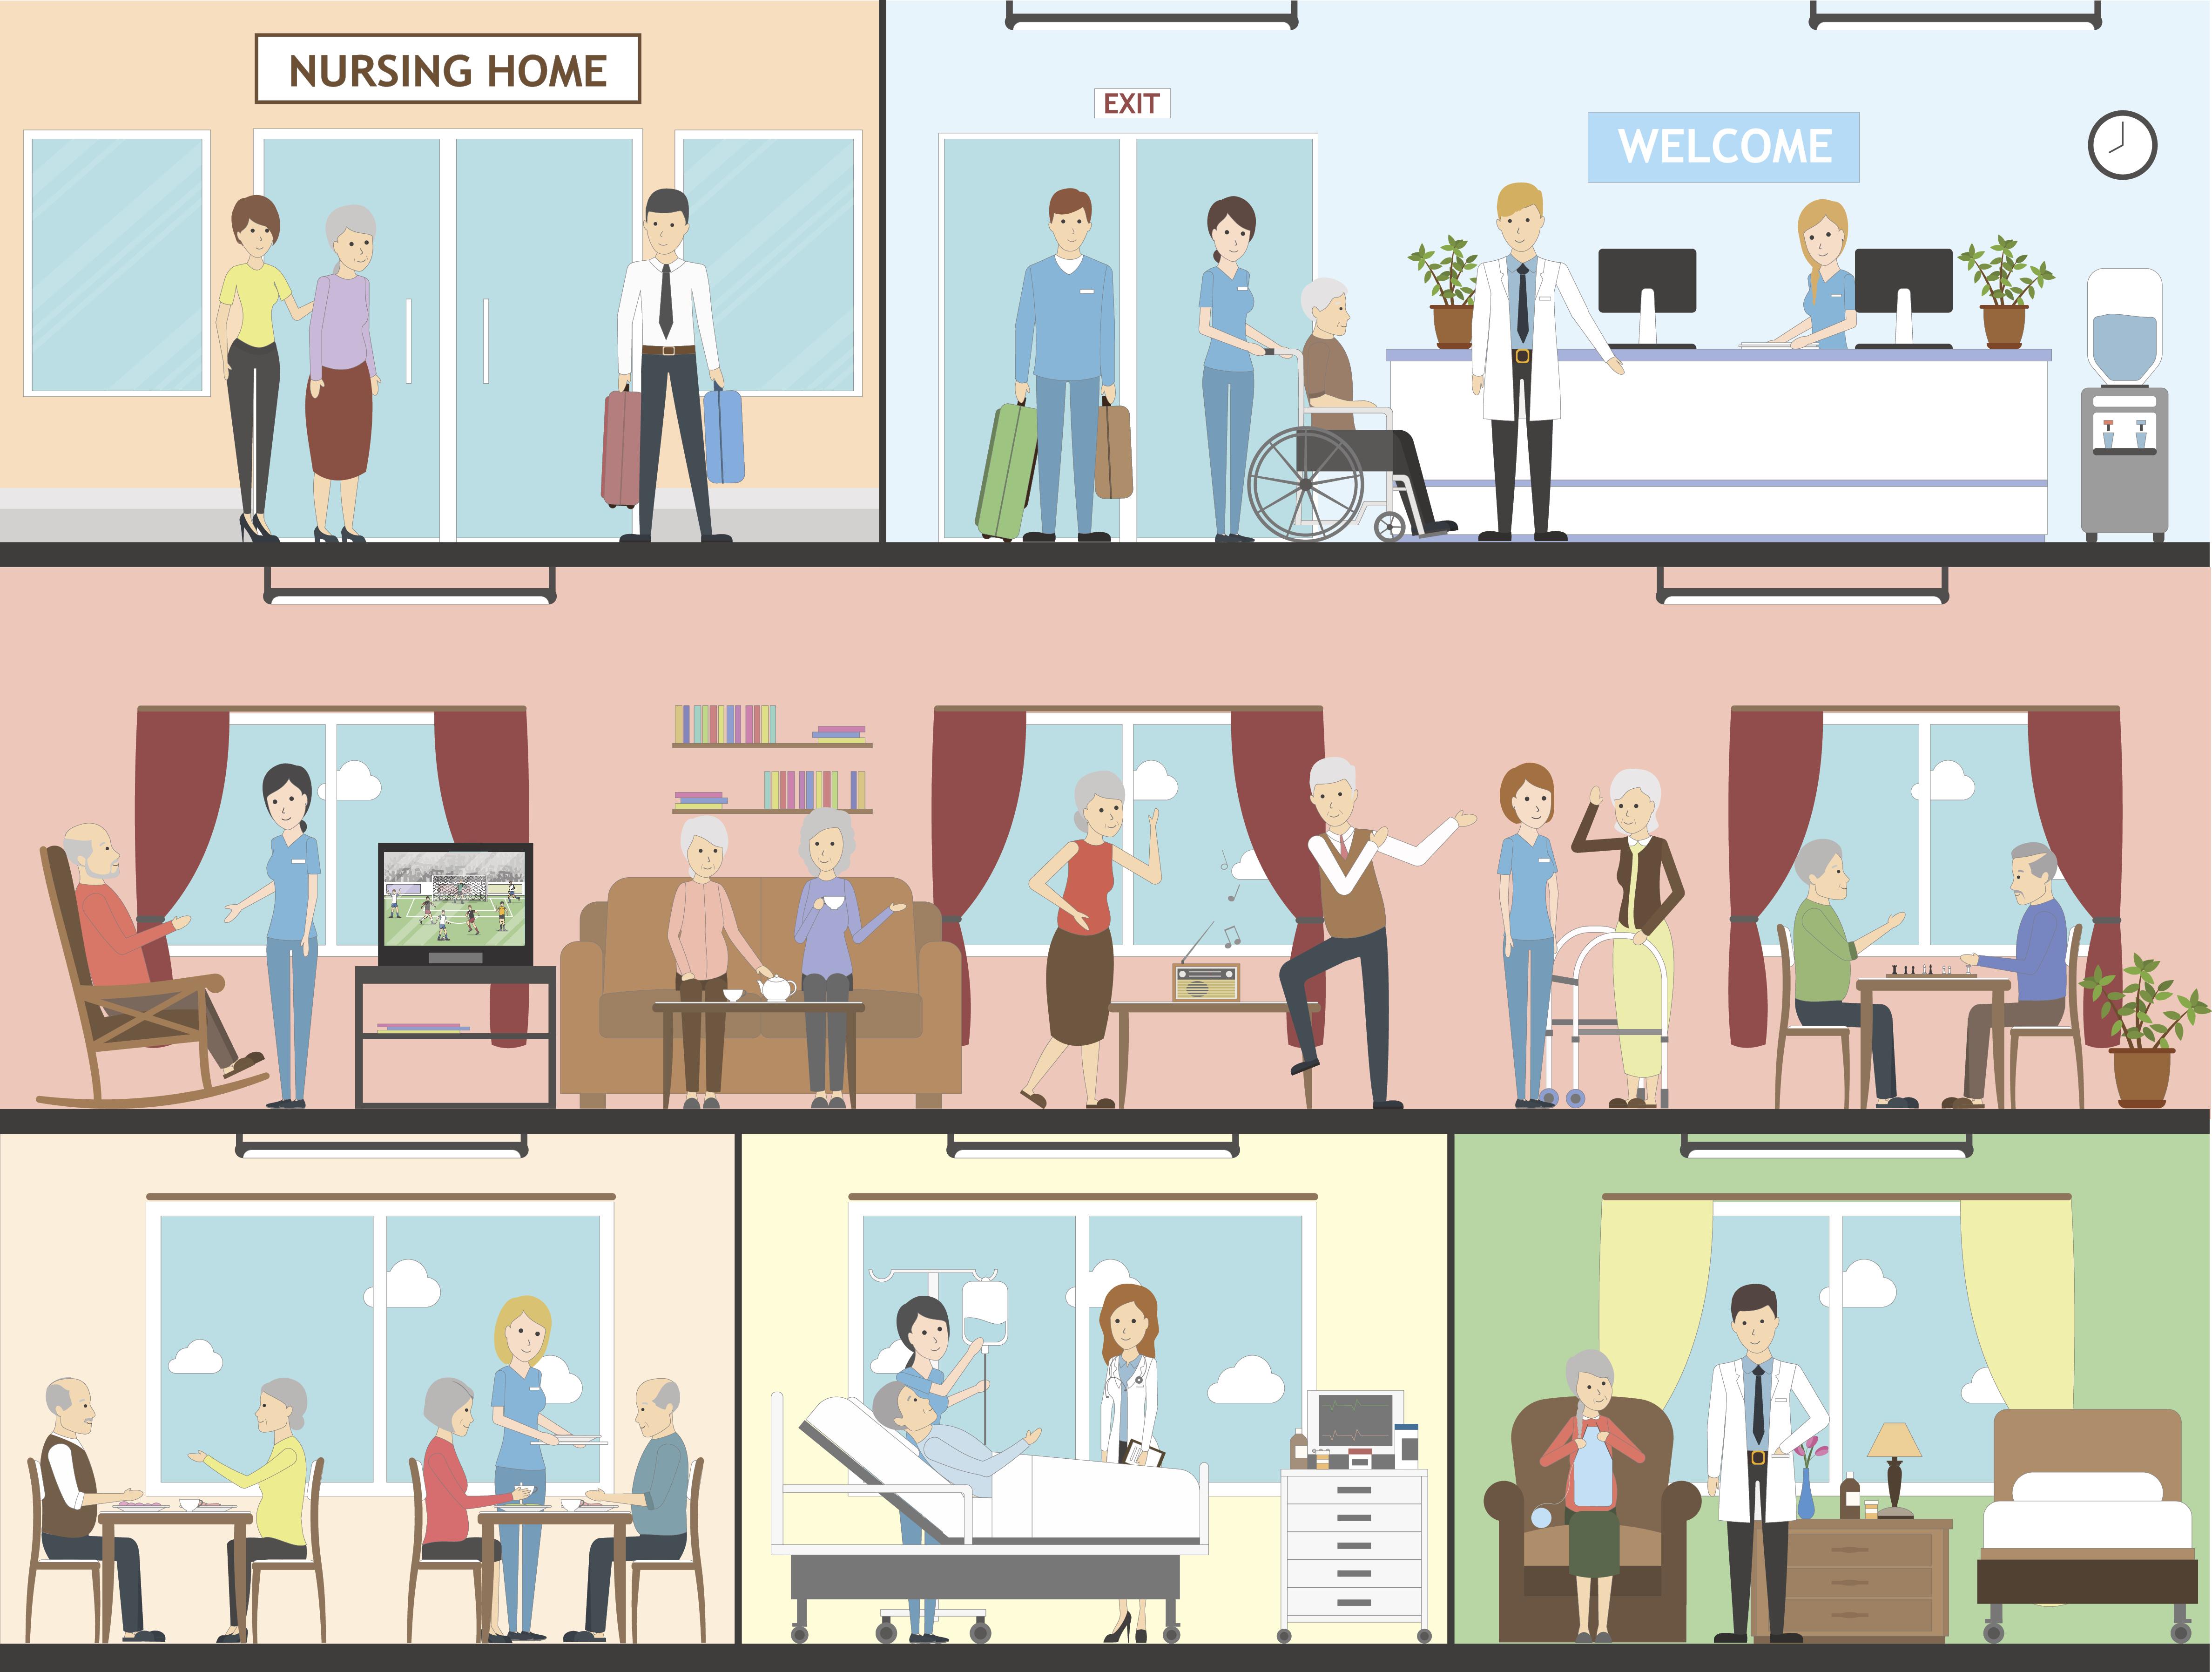 Nursing home interior set.